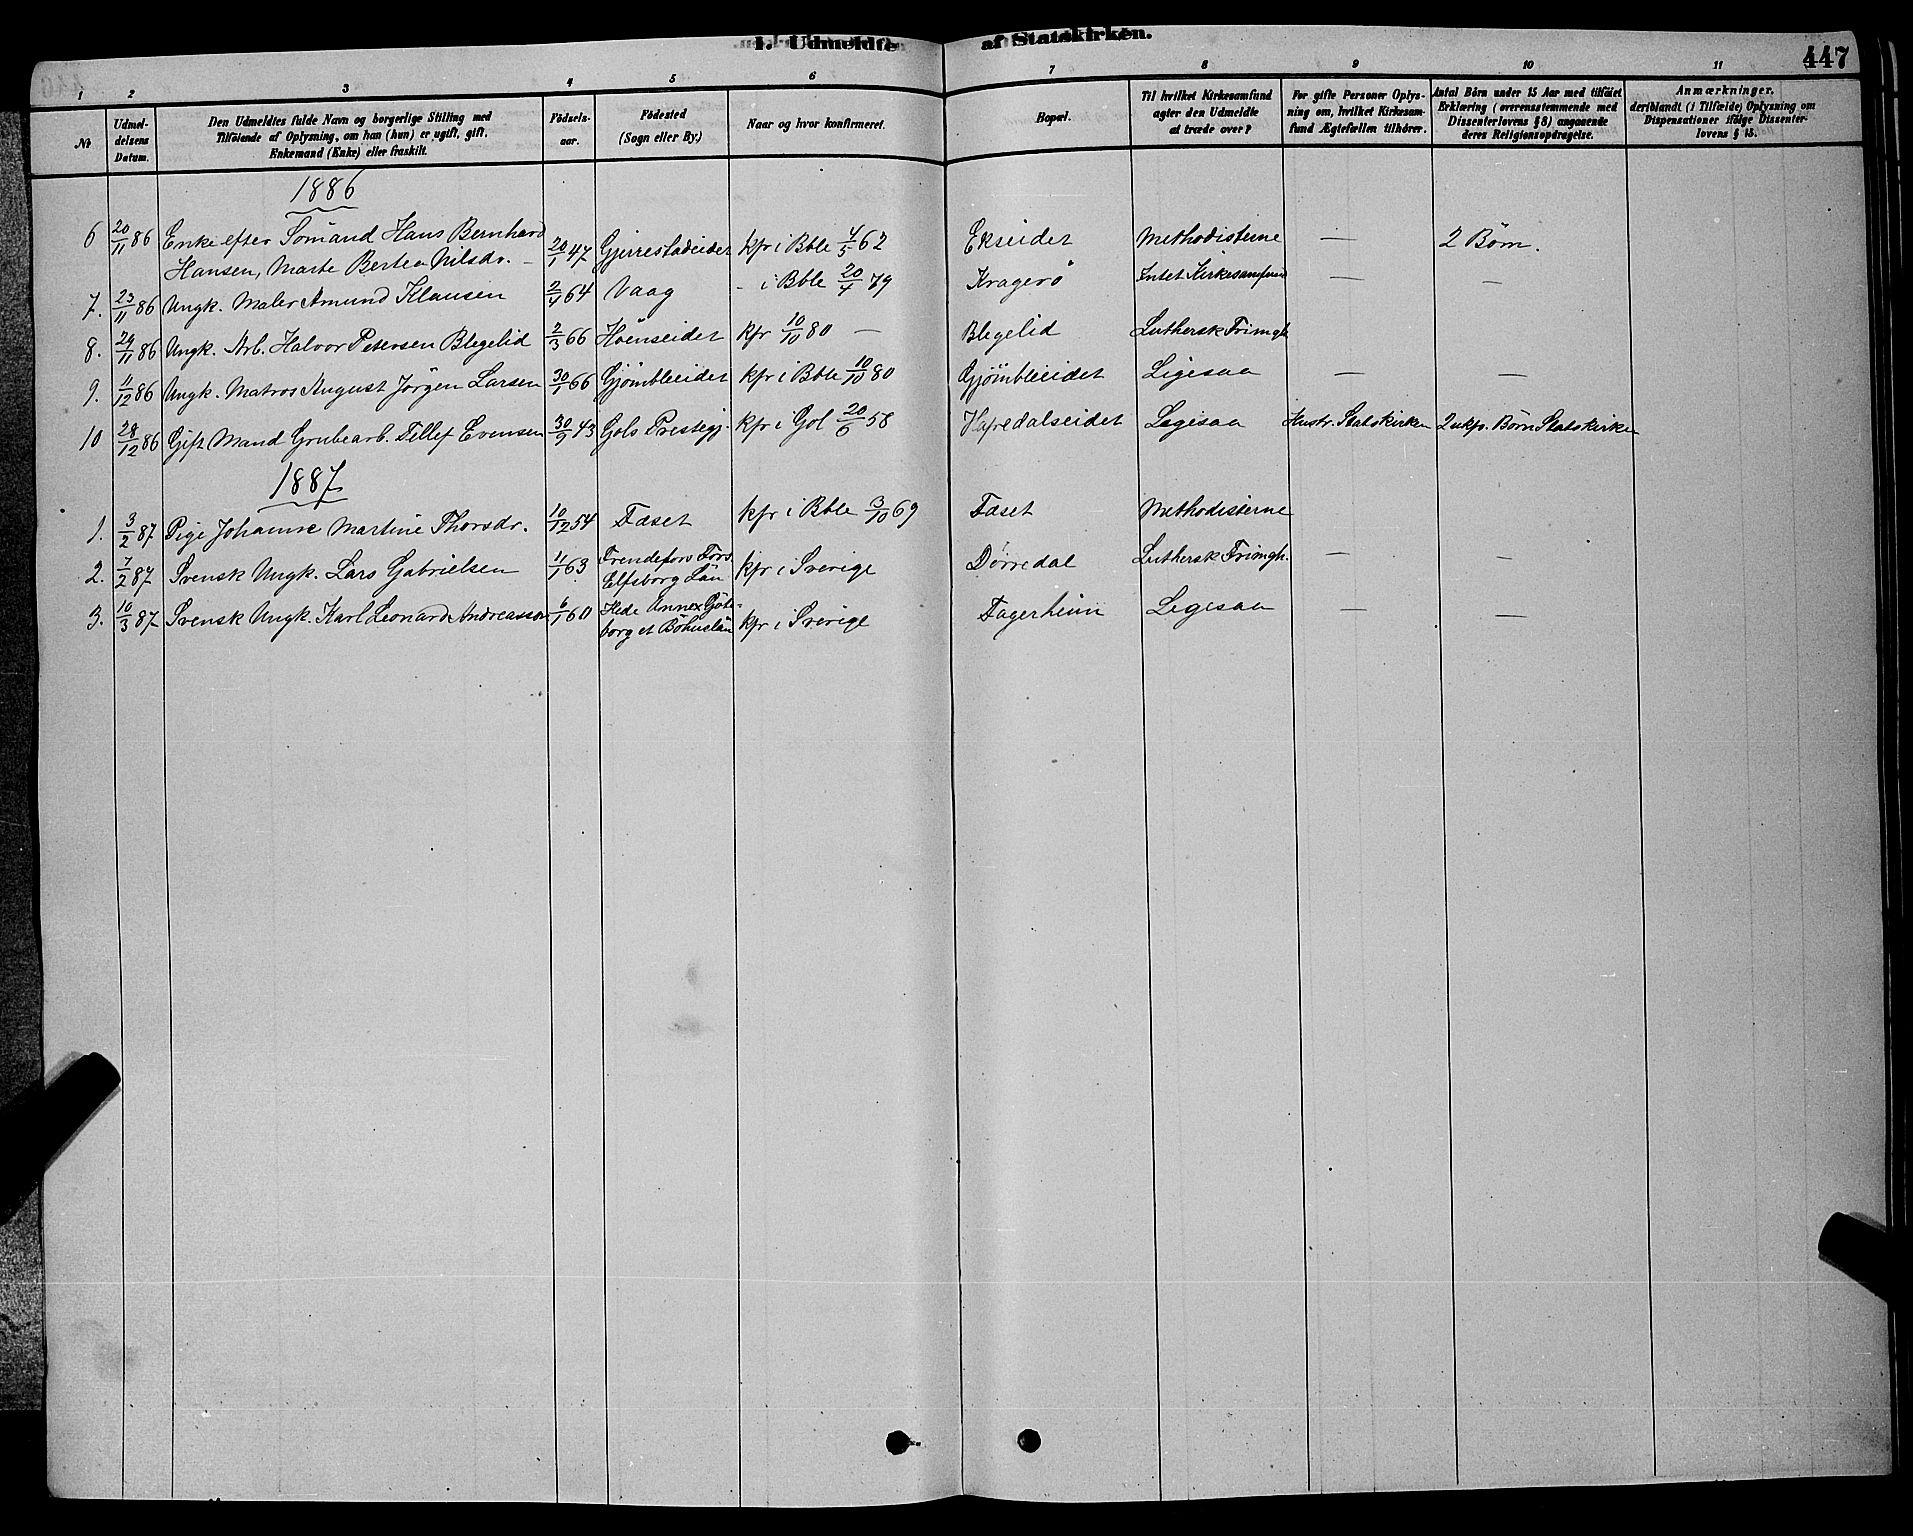 SAKO, Bamble kirkebøker, G/Ga/L0008: Klokkerbok nr. I 8, 1878-1888, s. 447